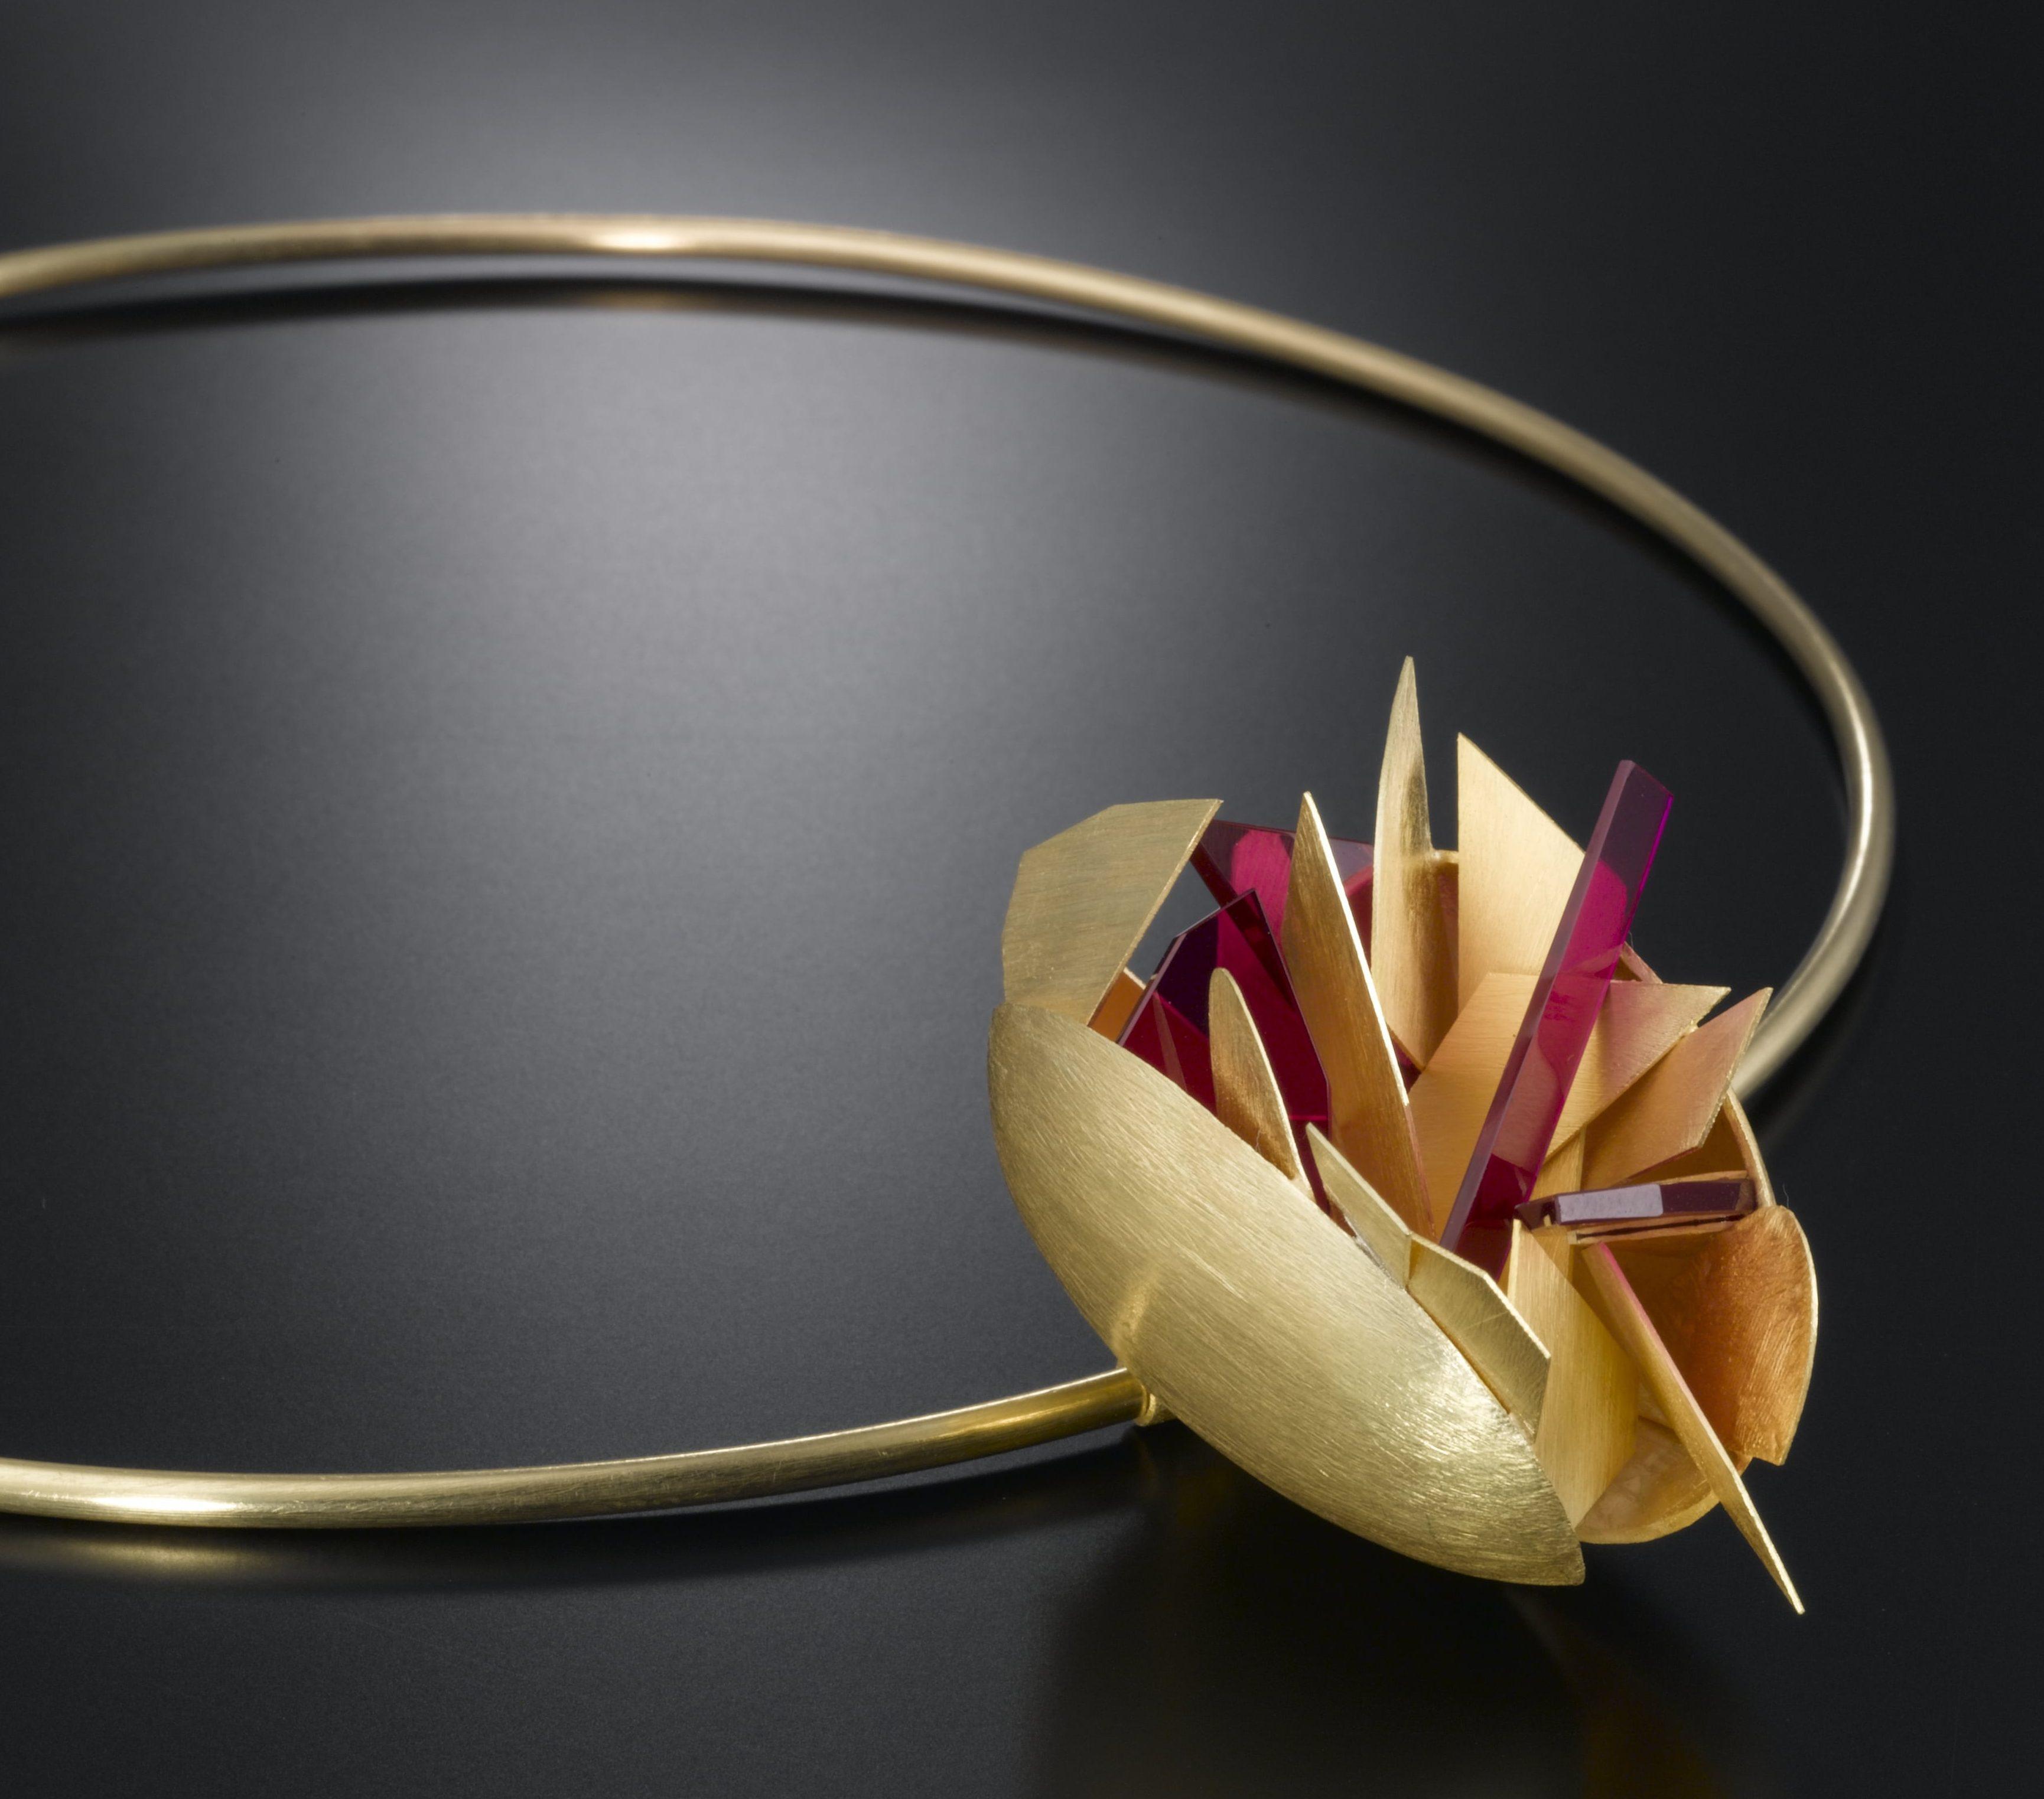 Alberto Zorzi, La Città, halssieraad, 2007, goud, synthetische robijnen